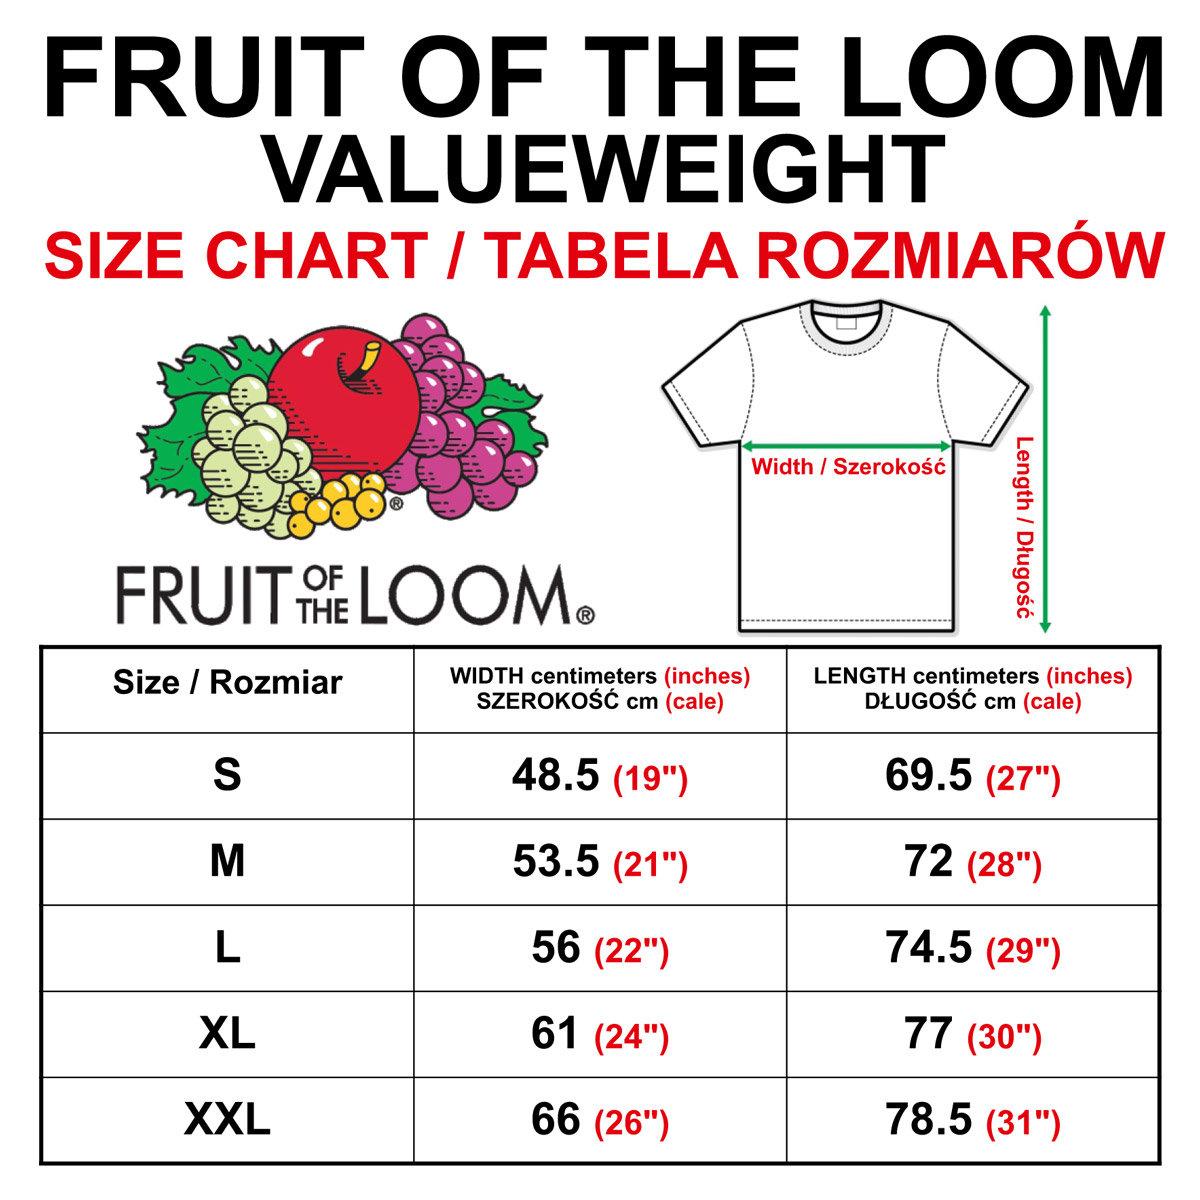 Bildergebnis für fruit of the Loom valueweight size chart